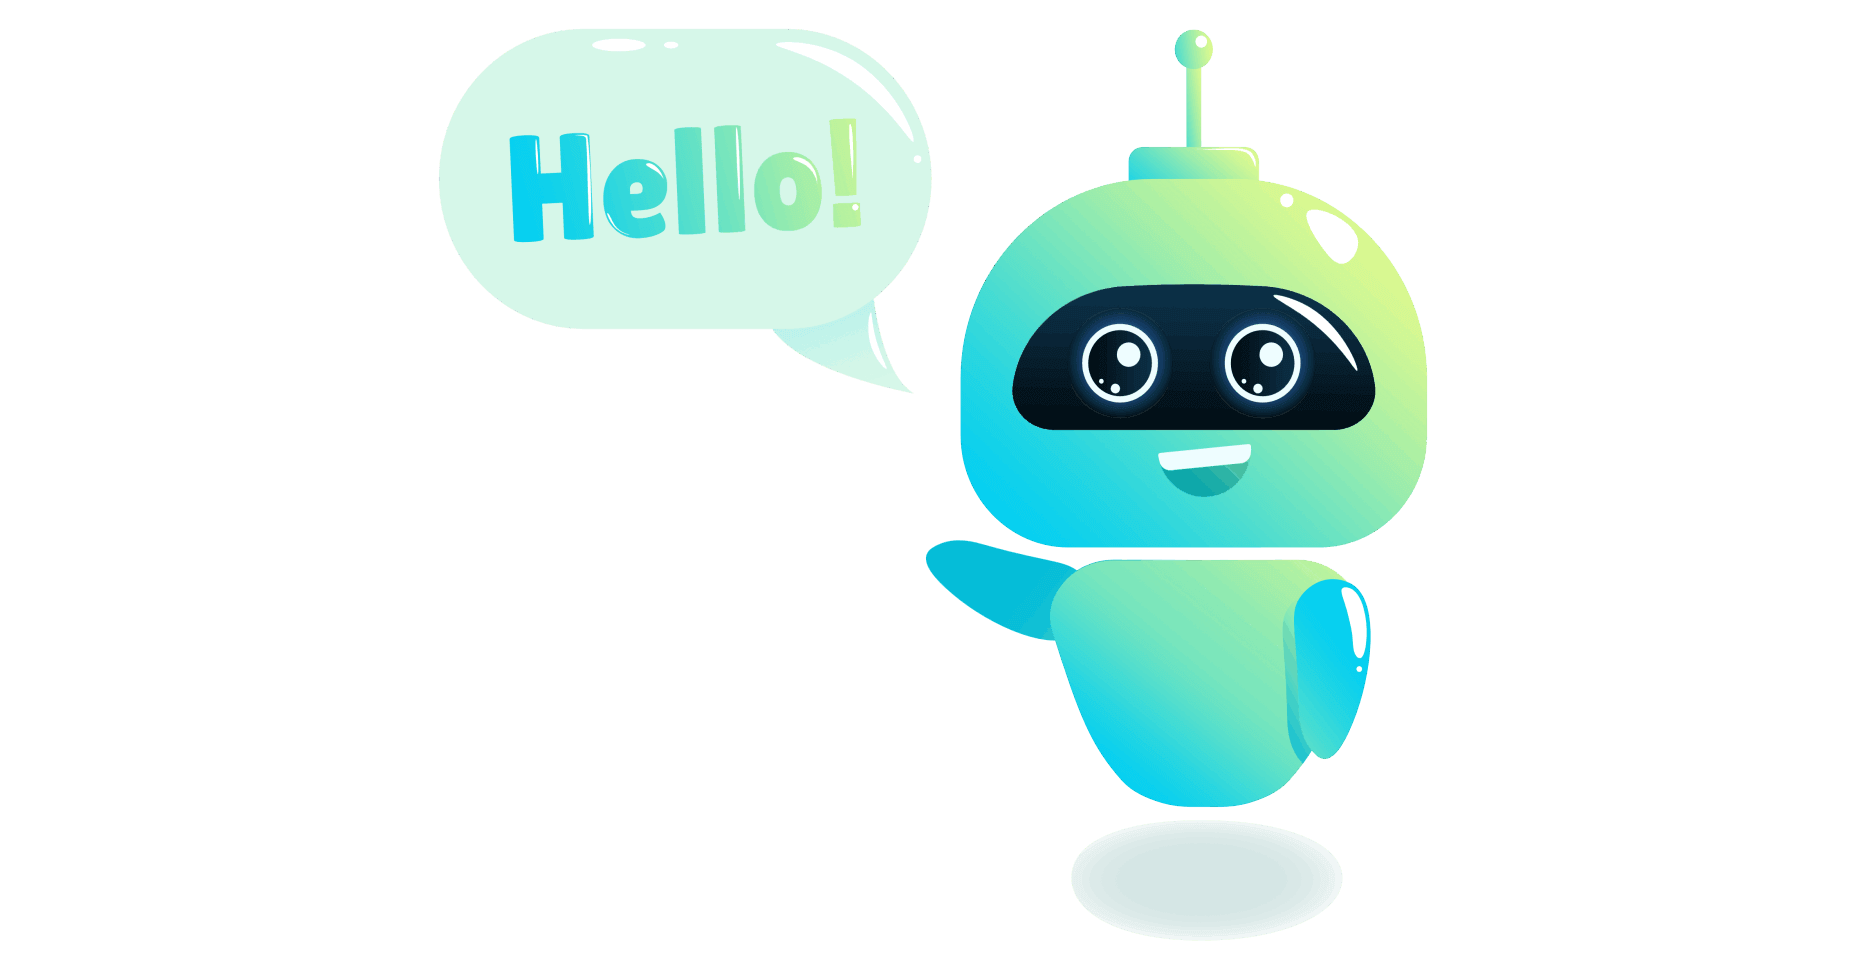 تعامل انسان و کامپیوتر (HCI) به زبان ساده